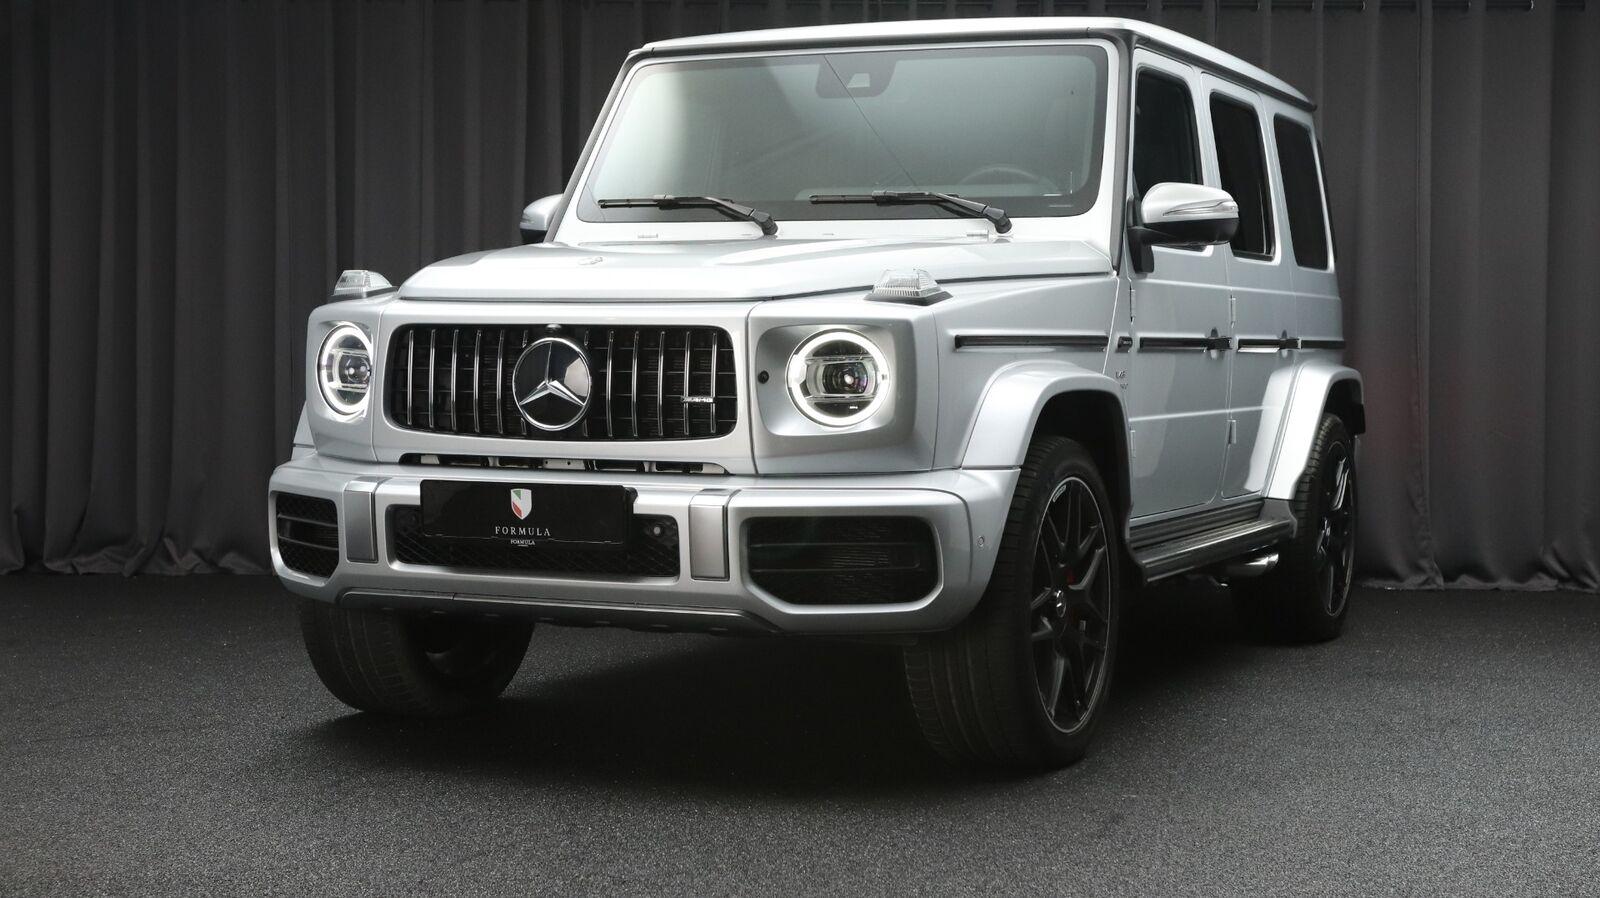 Mercedes G63 4,0 AMG aut. 5d - 34.000 kr.